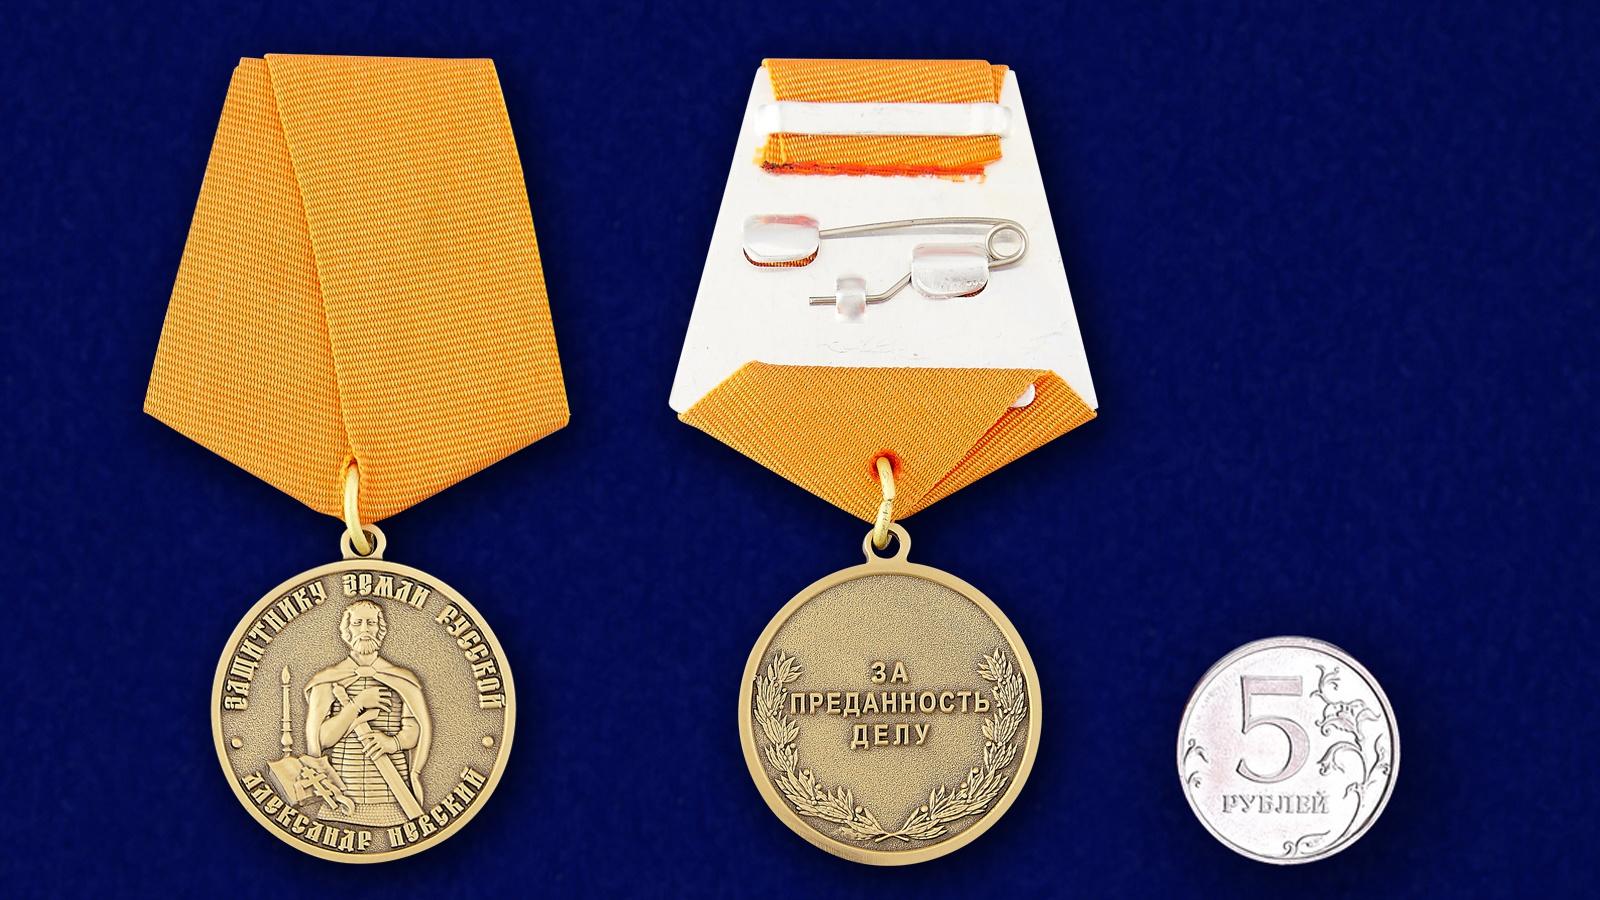 Медаль Александра Невского Защитнику земли русской - сравнительный размер